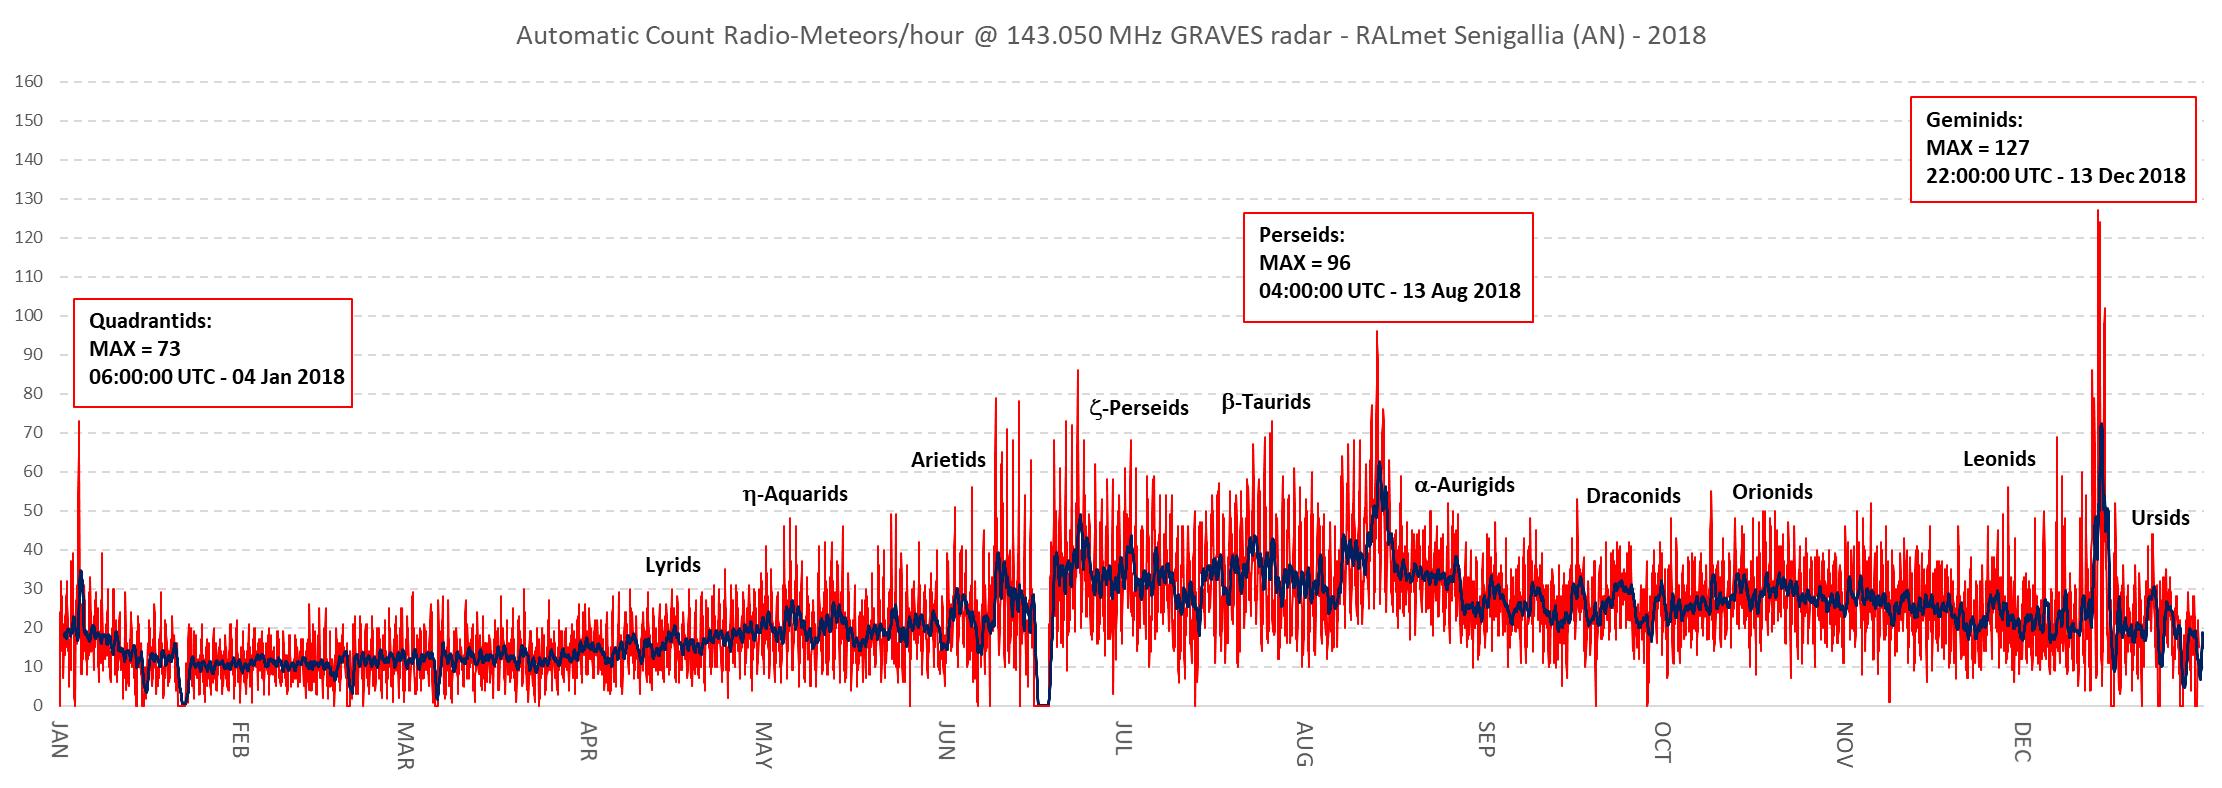 Attività radio-meteorica registrata dalla stazione RALmet durante il 2018.